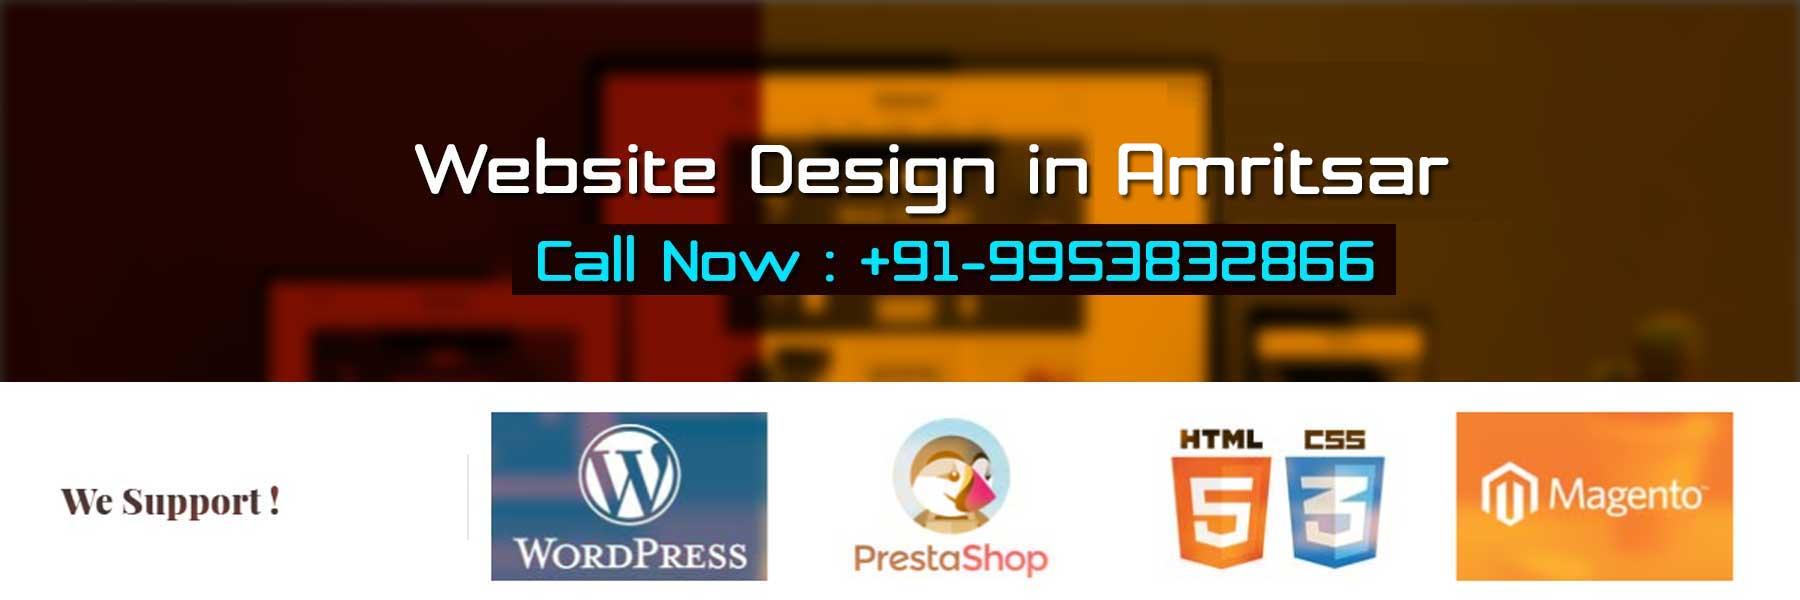 Website Design in Amritsar